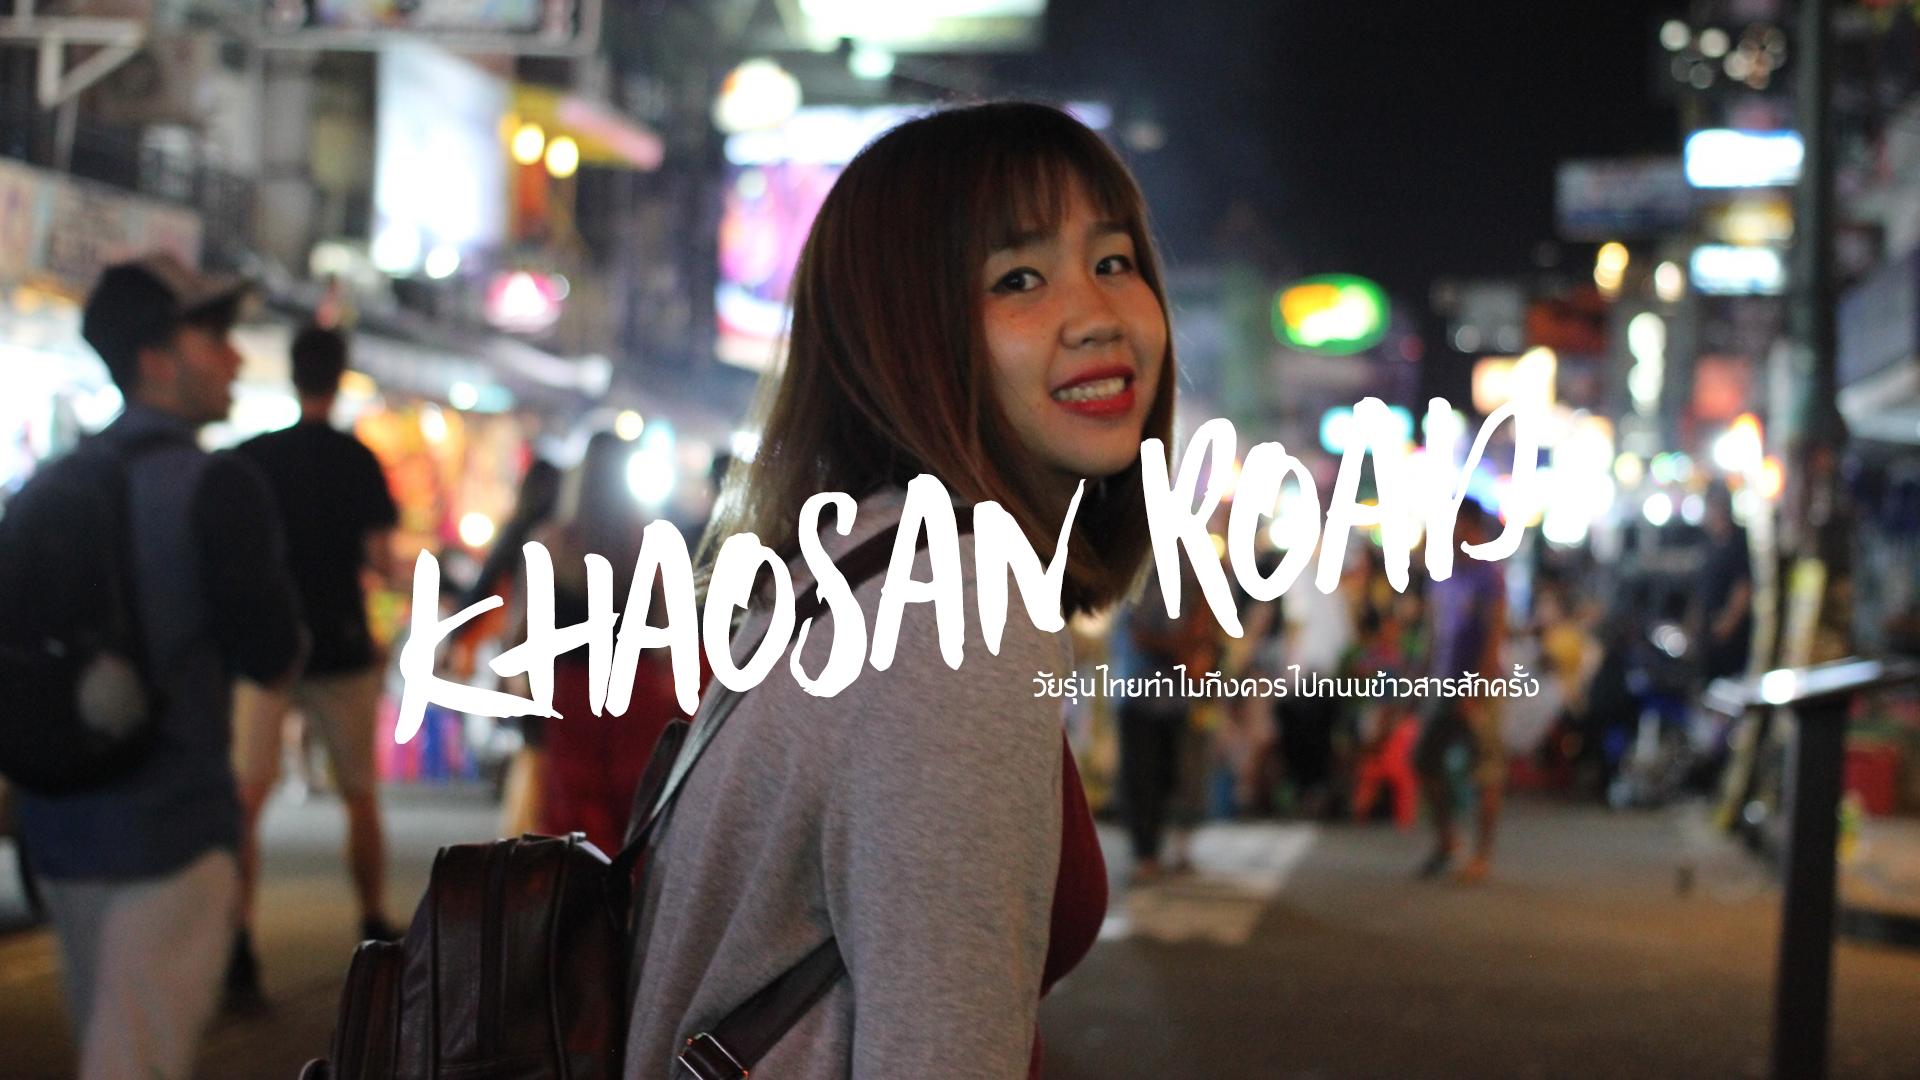 7 เหตุผล ที่วัยรุ่นไทยควรไปถนนข้าวสารสักครั้งในชีวิต